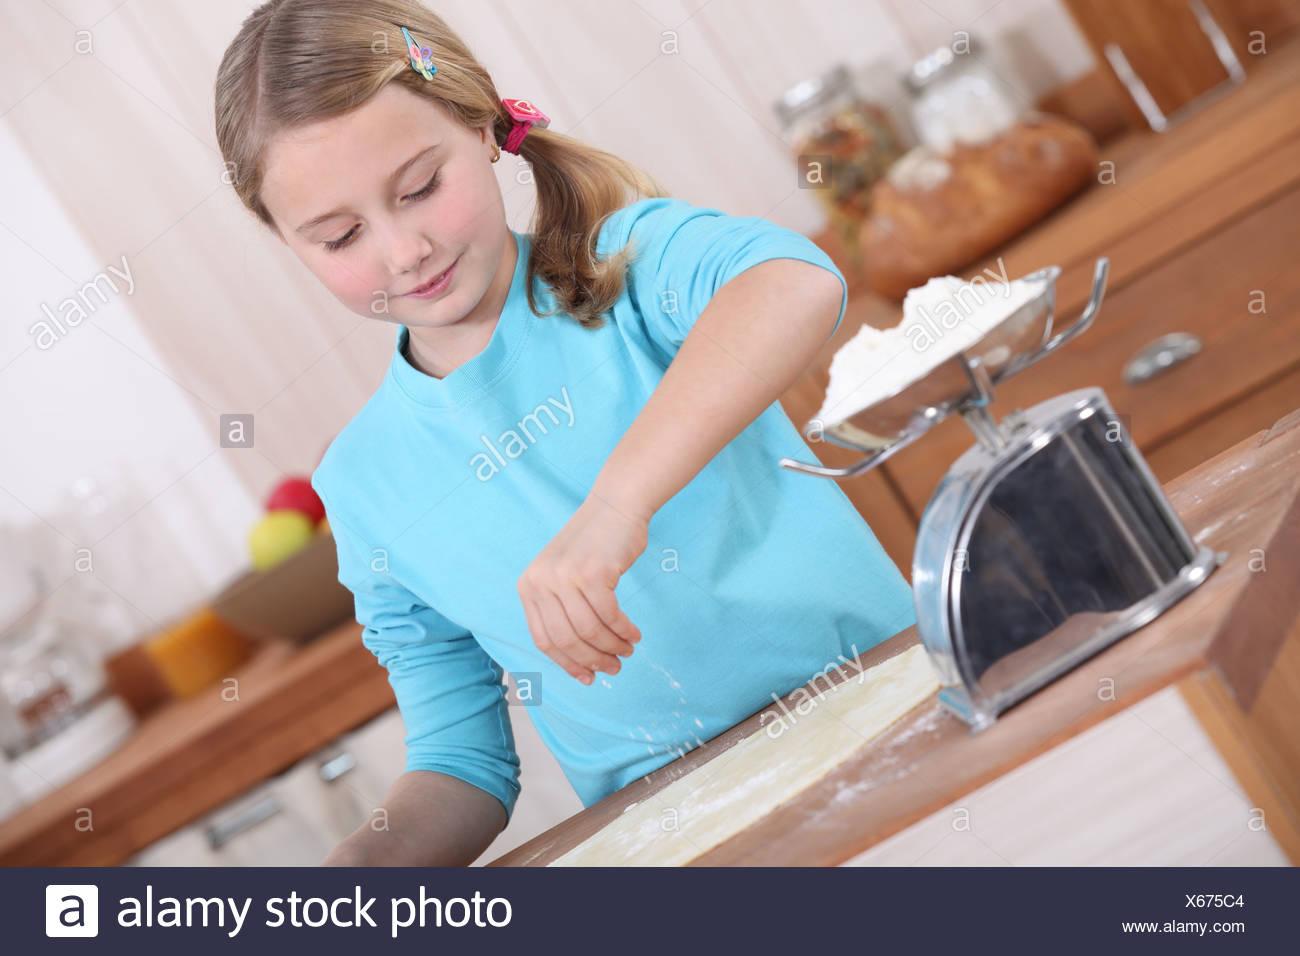 Little Girl Making Pancakes Stock Photos & Little Girl Making ...